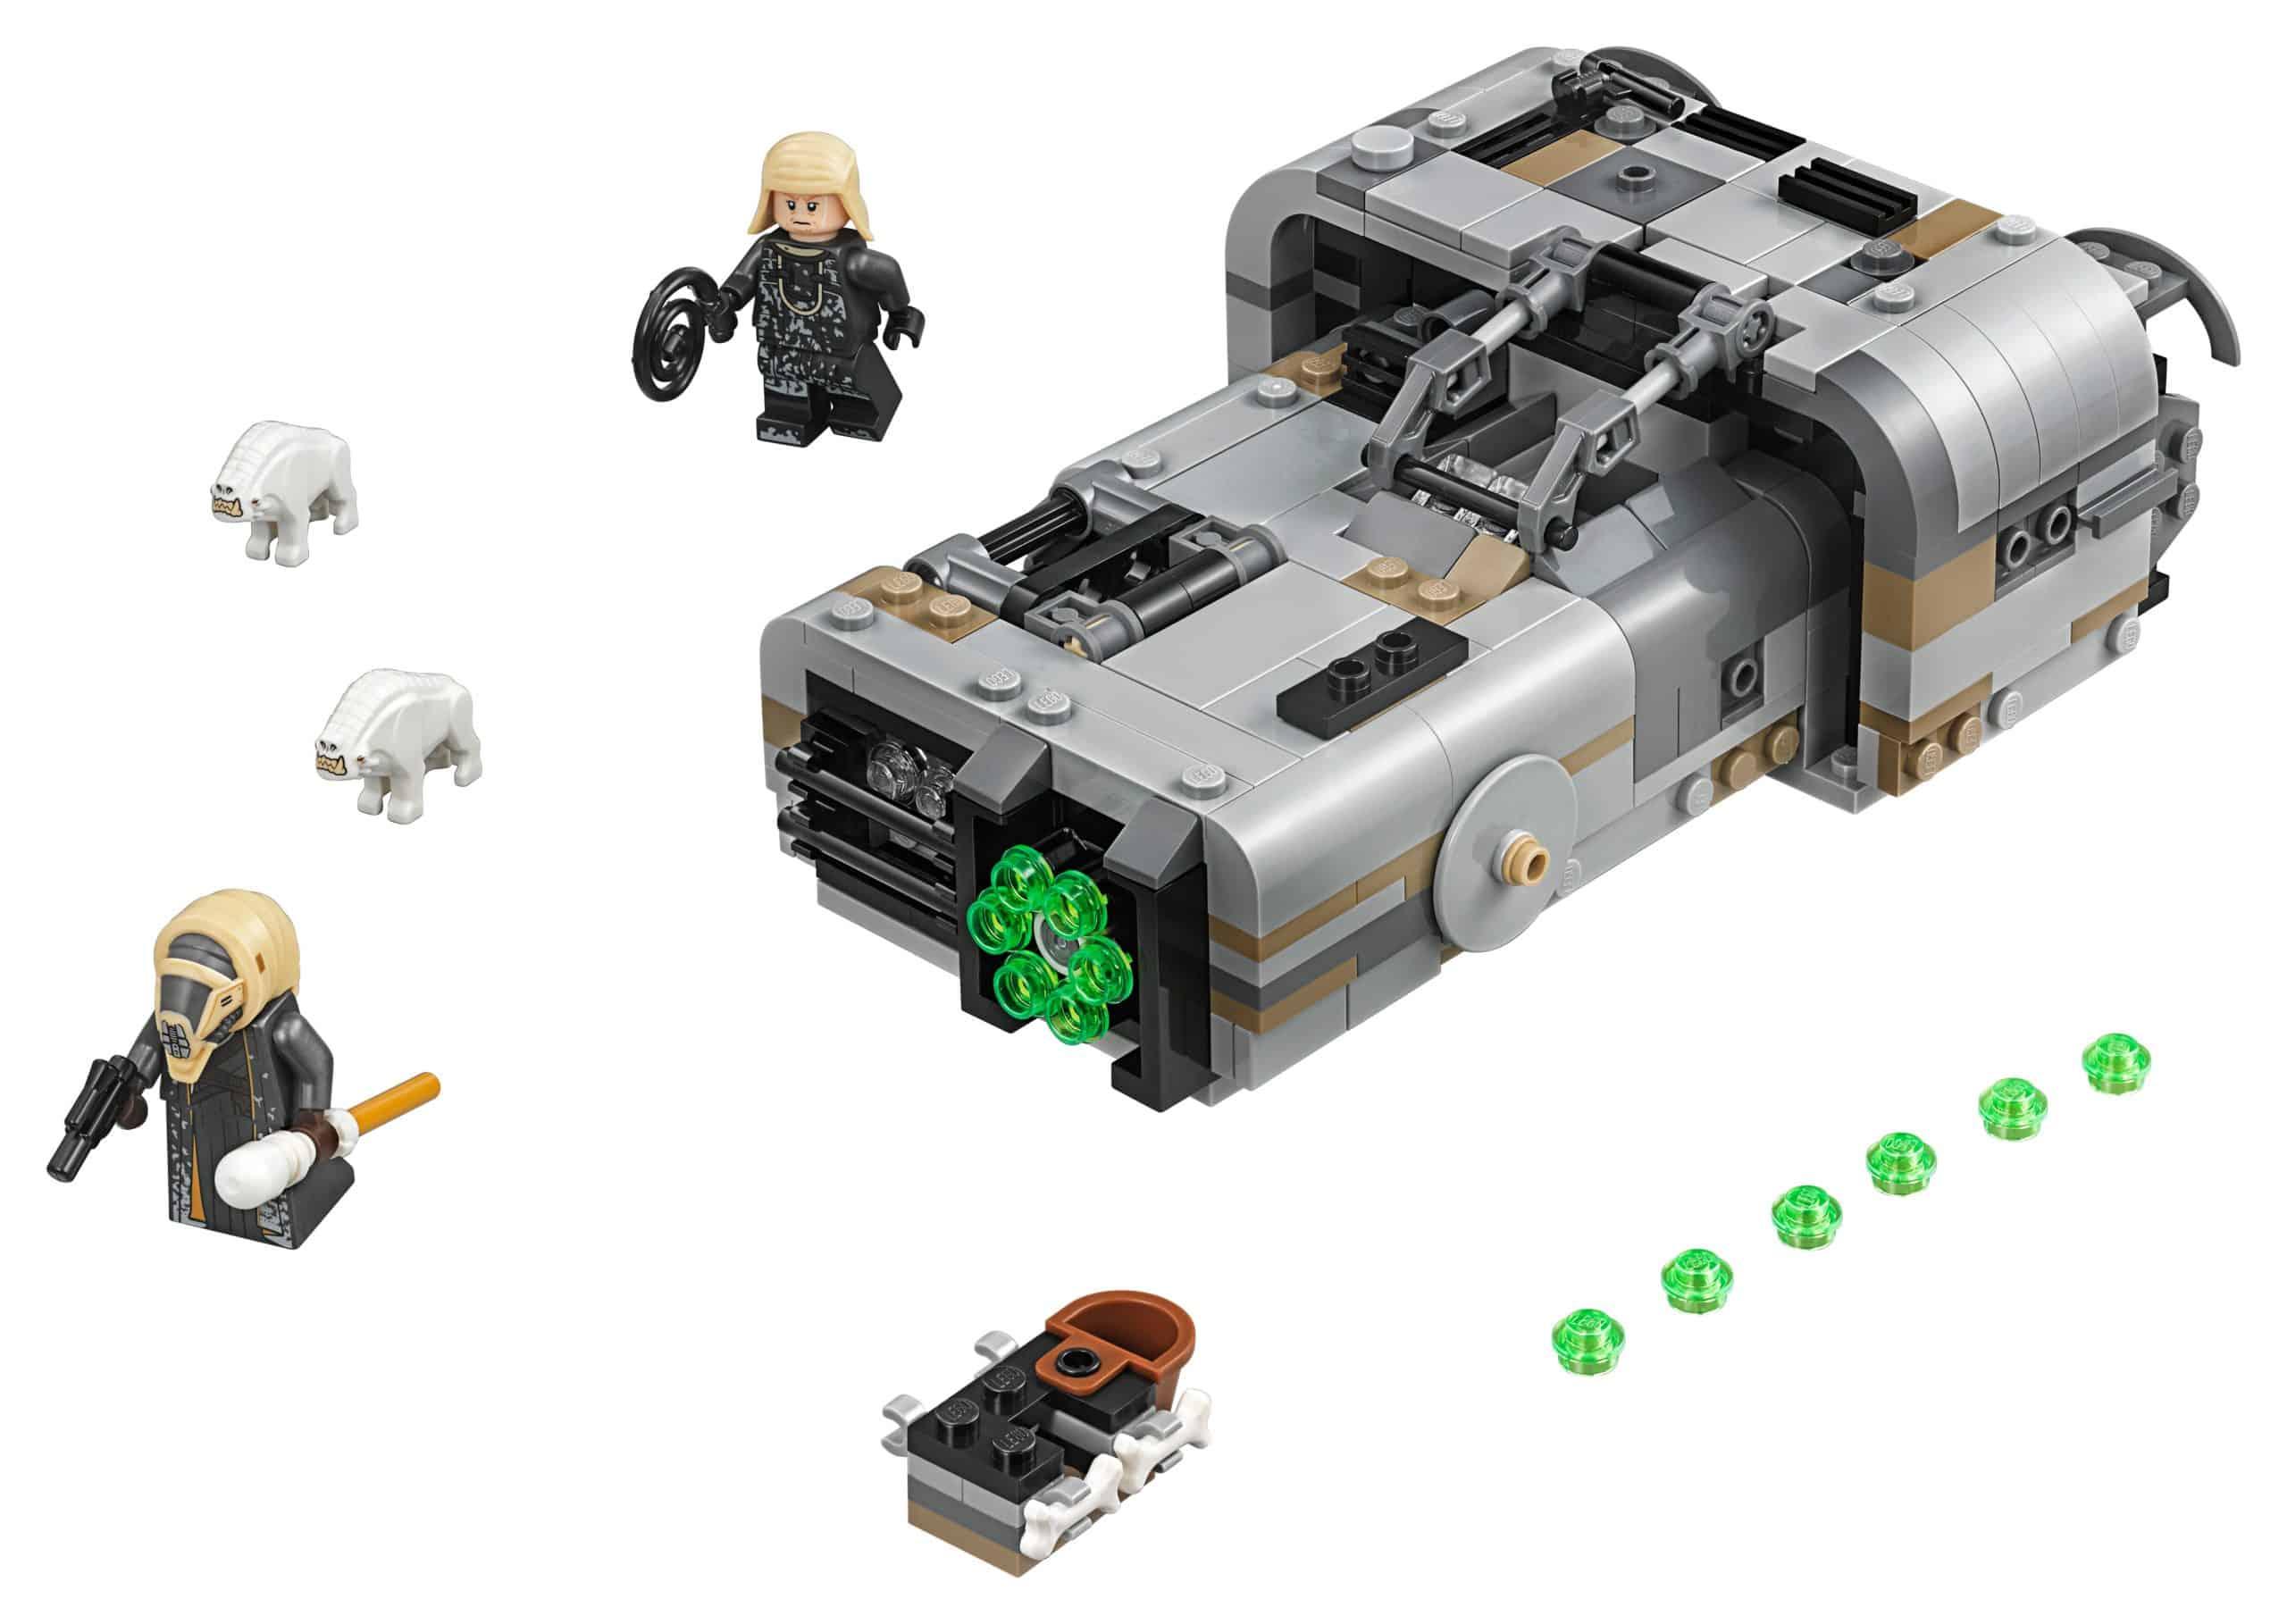 lego molochs landspeeder 75210 scaled